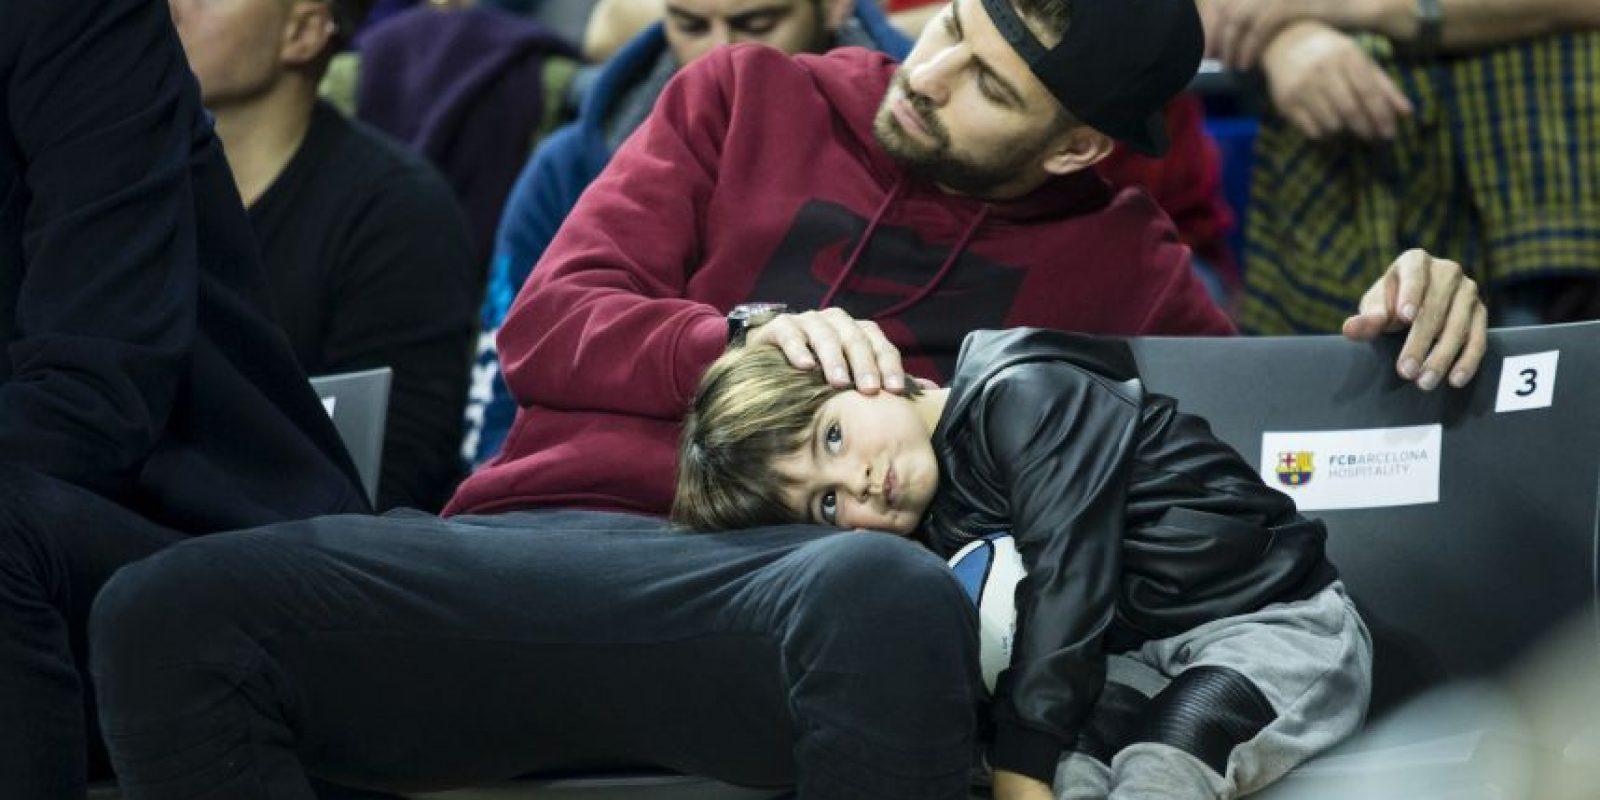 Milan disfrutó de un momento con su papá, aunque parecía un poco aburrido Foto:Grosby Group